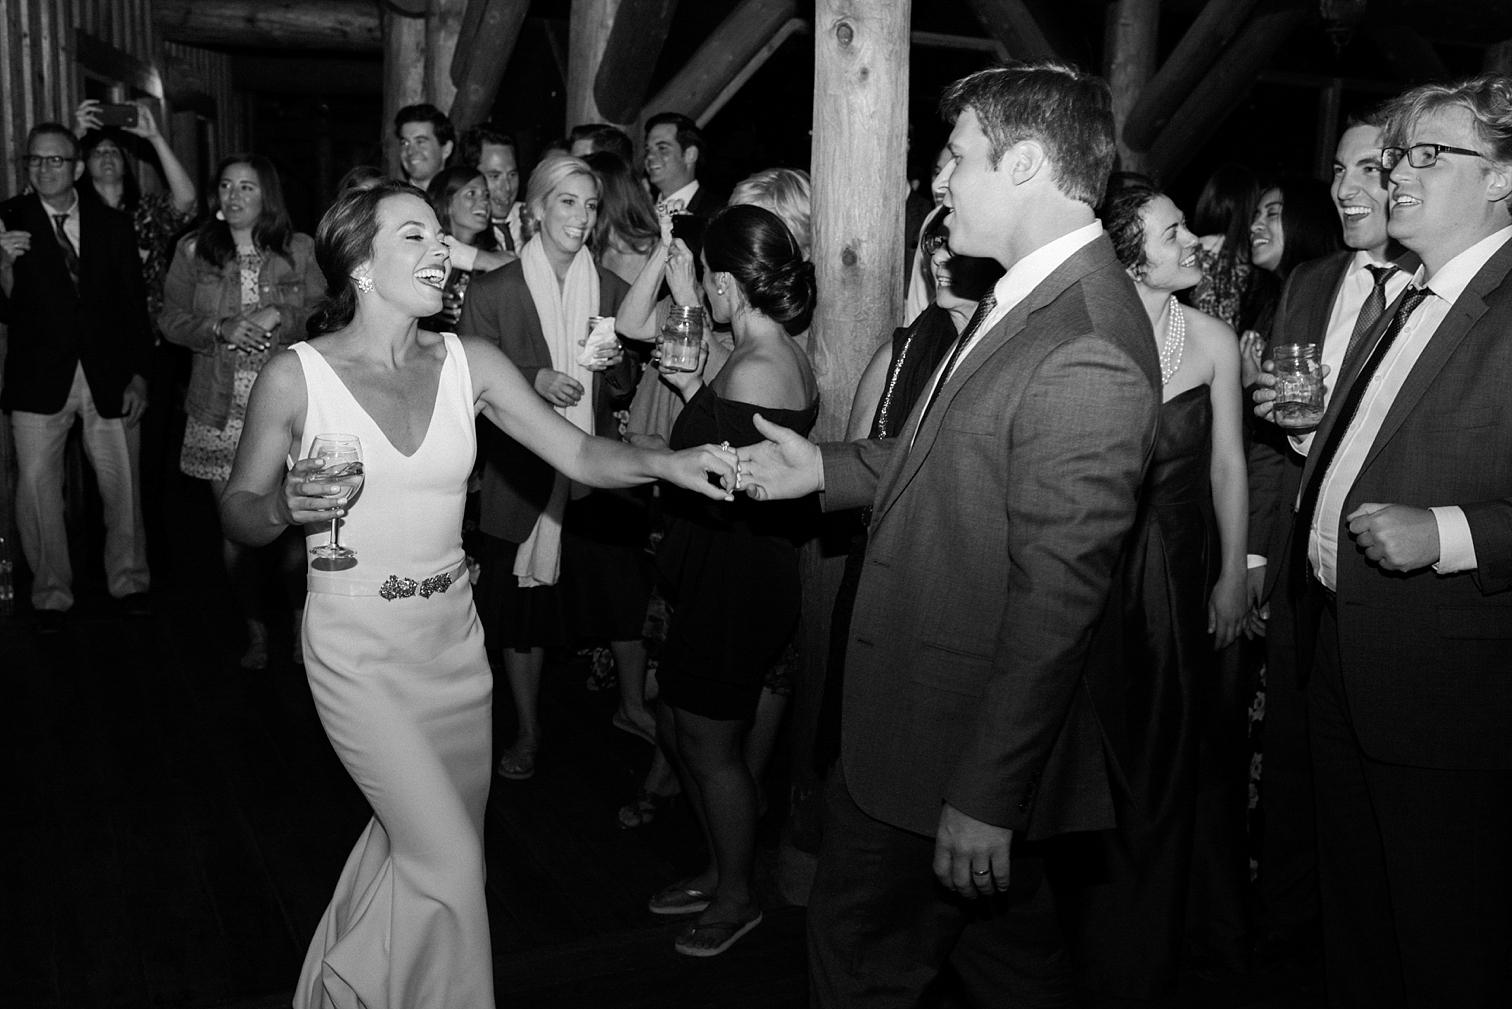 Bride And Groom Dancing, Vail Colorado Wedding, Colorado Wedding Photographer, Film Photographer, Mountain Wedding, Colorado Destination Wedding Photographers, Best Photographers In Colorado, Film Photography, Denver Wedding Photographers, Danielle DeFiore Photography